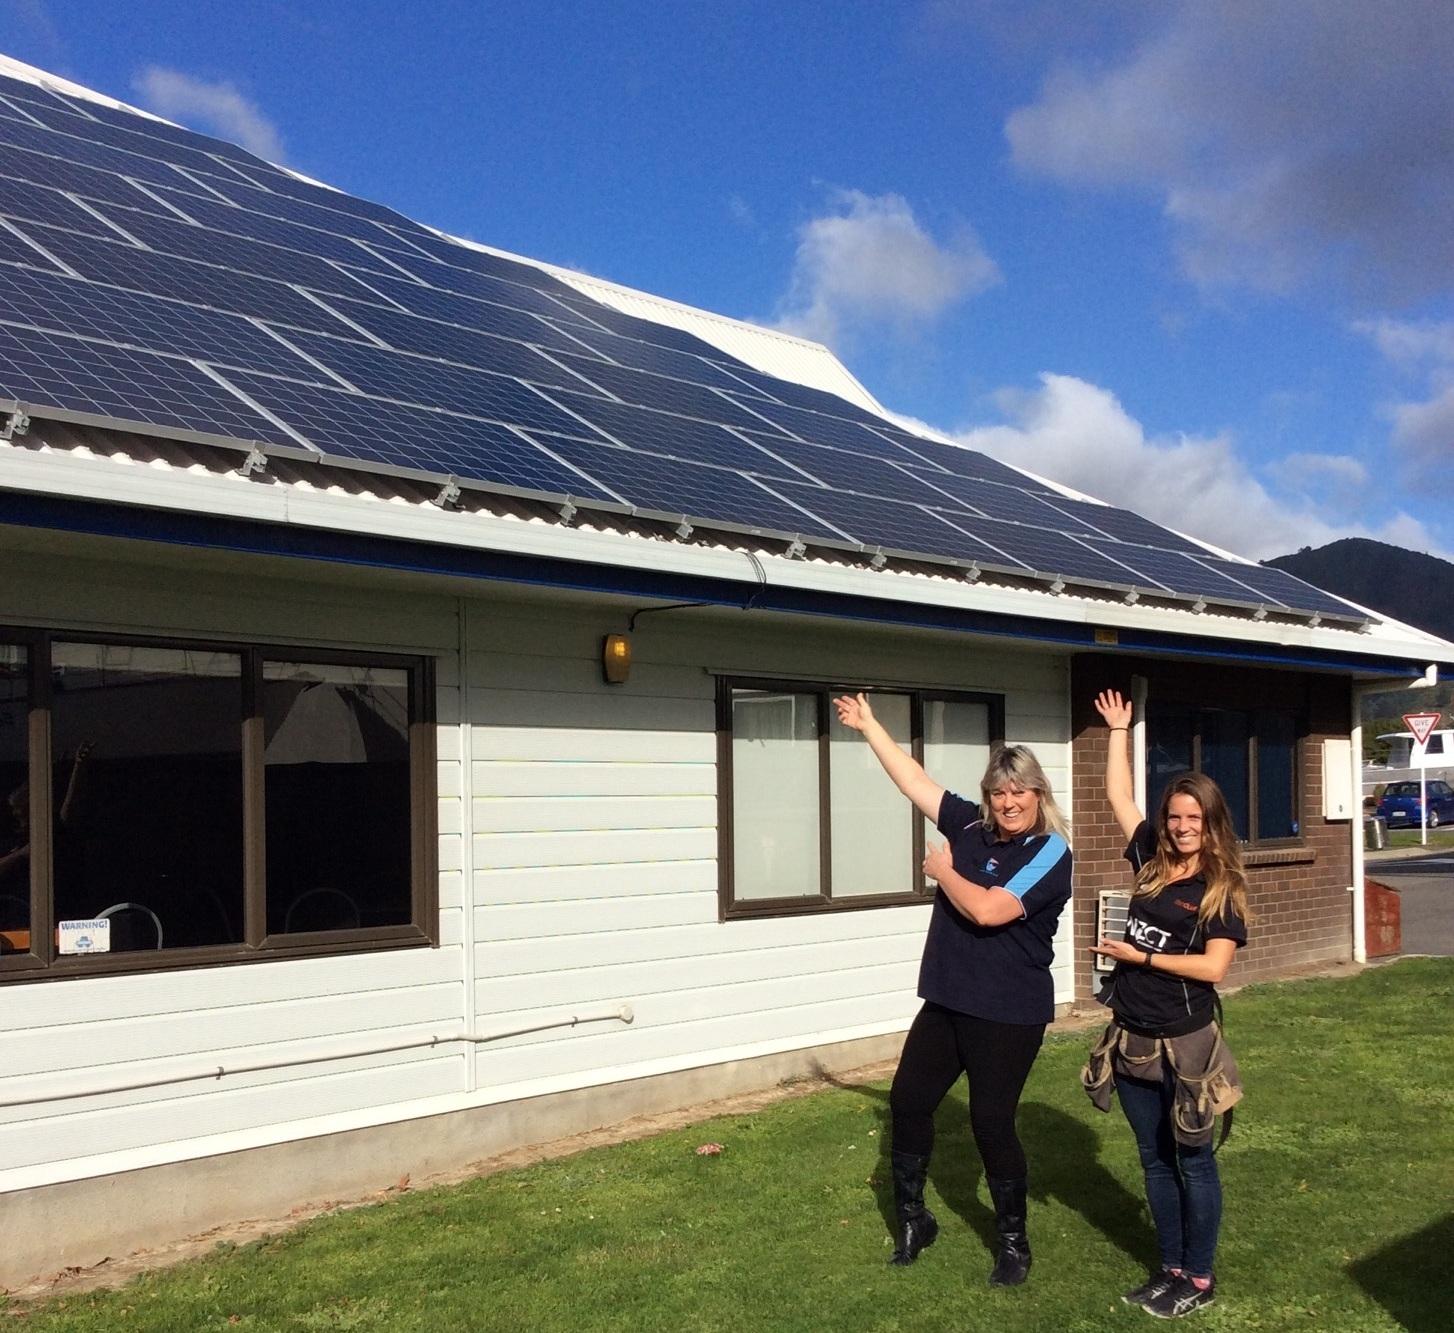 Waikawa Boating Club: reaping the solar rewards.